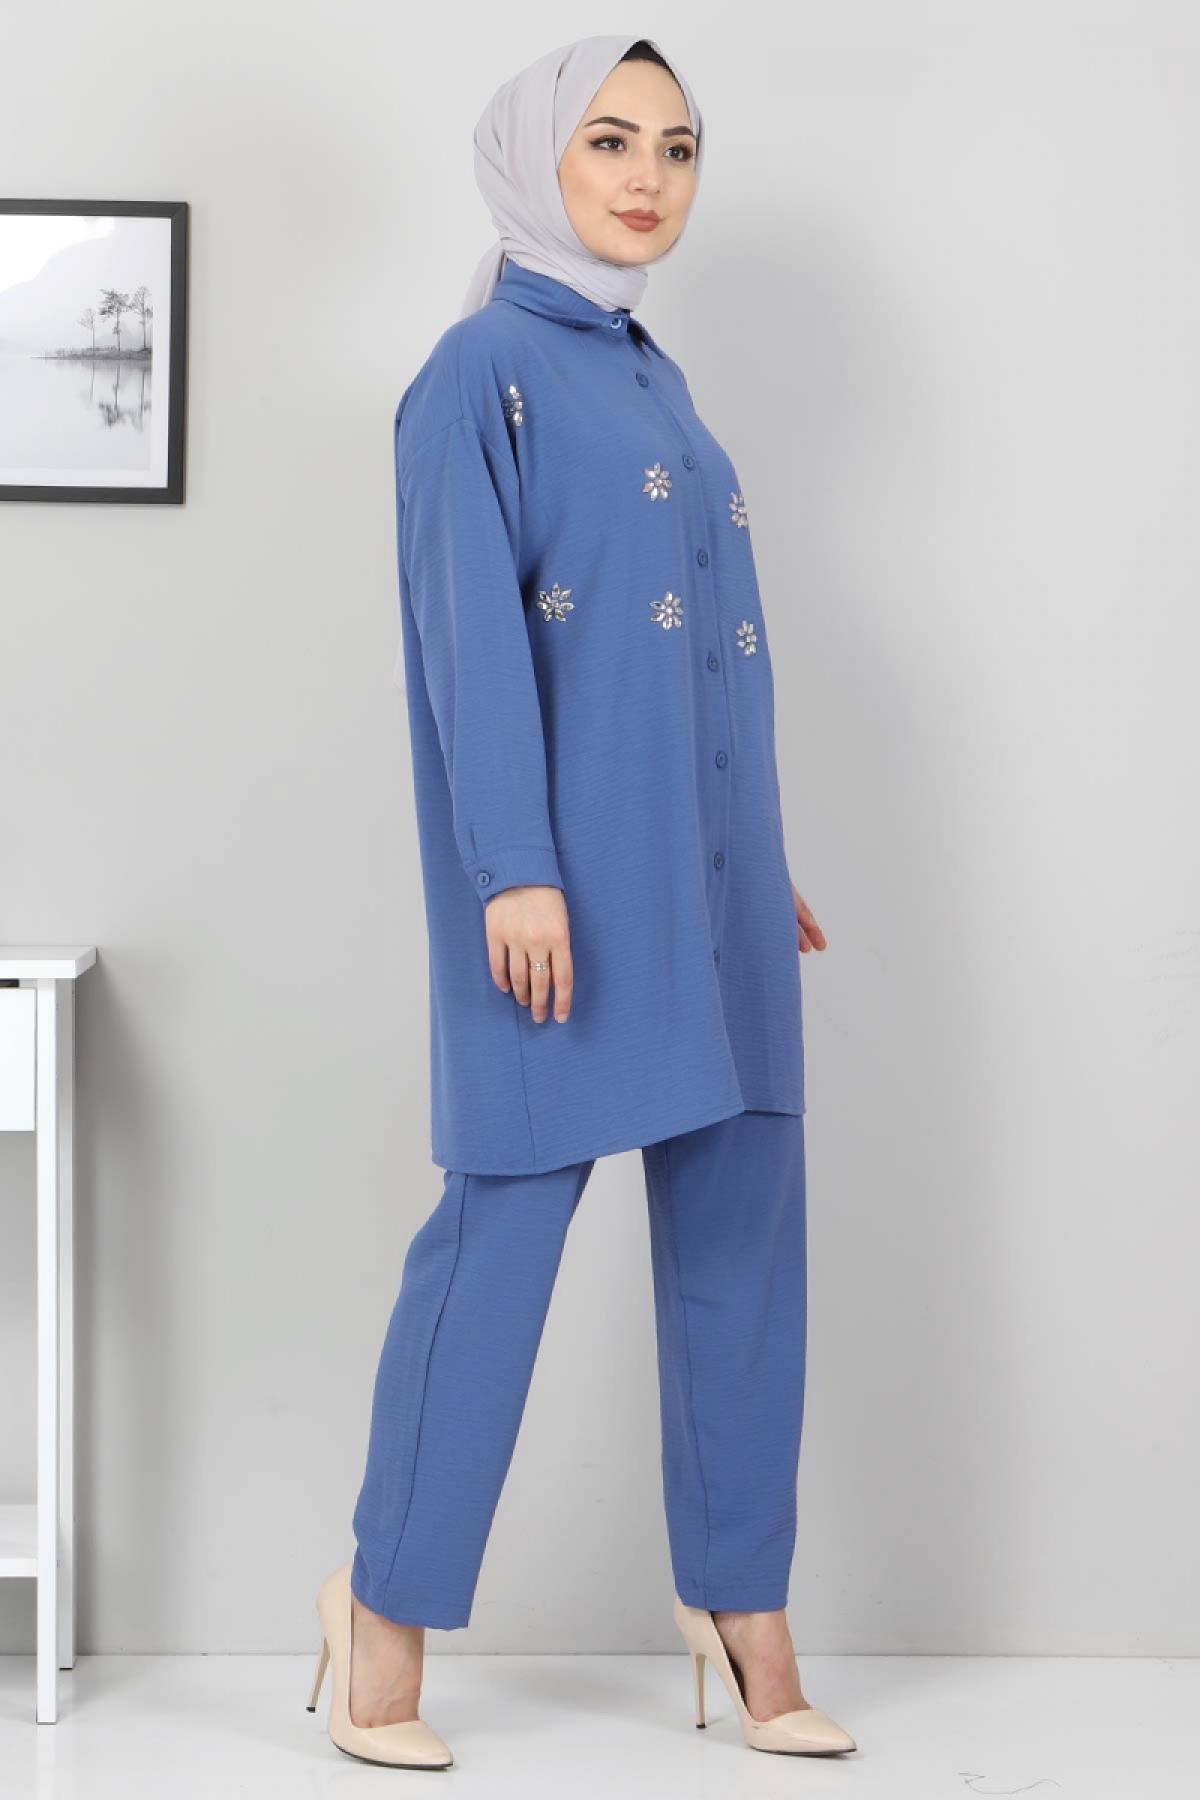 Taşlı İkili Takım TSD2522 Mavi